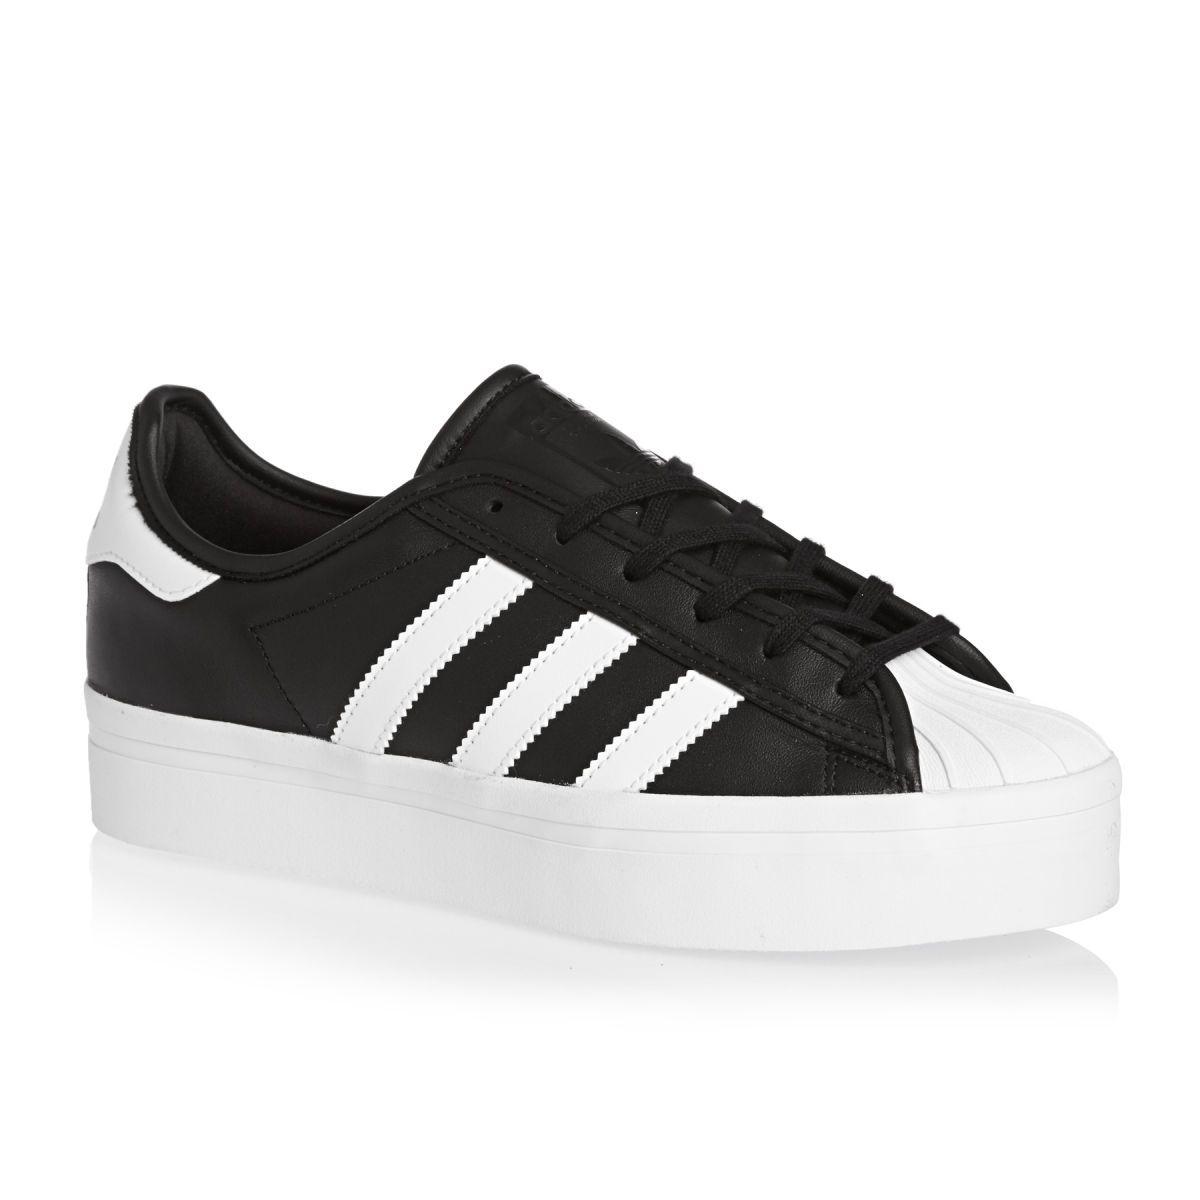 Impermeable recluta de madera  Adidas Originals Superstar Rize Shoes - Black/White/Black | Adidas shoes  originals, Adidas originals superstar, Black shoes